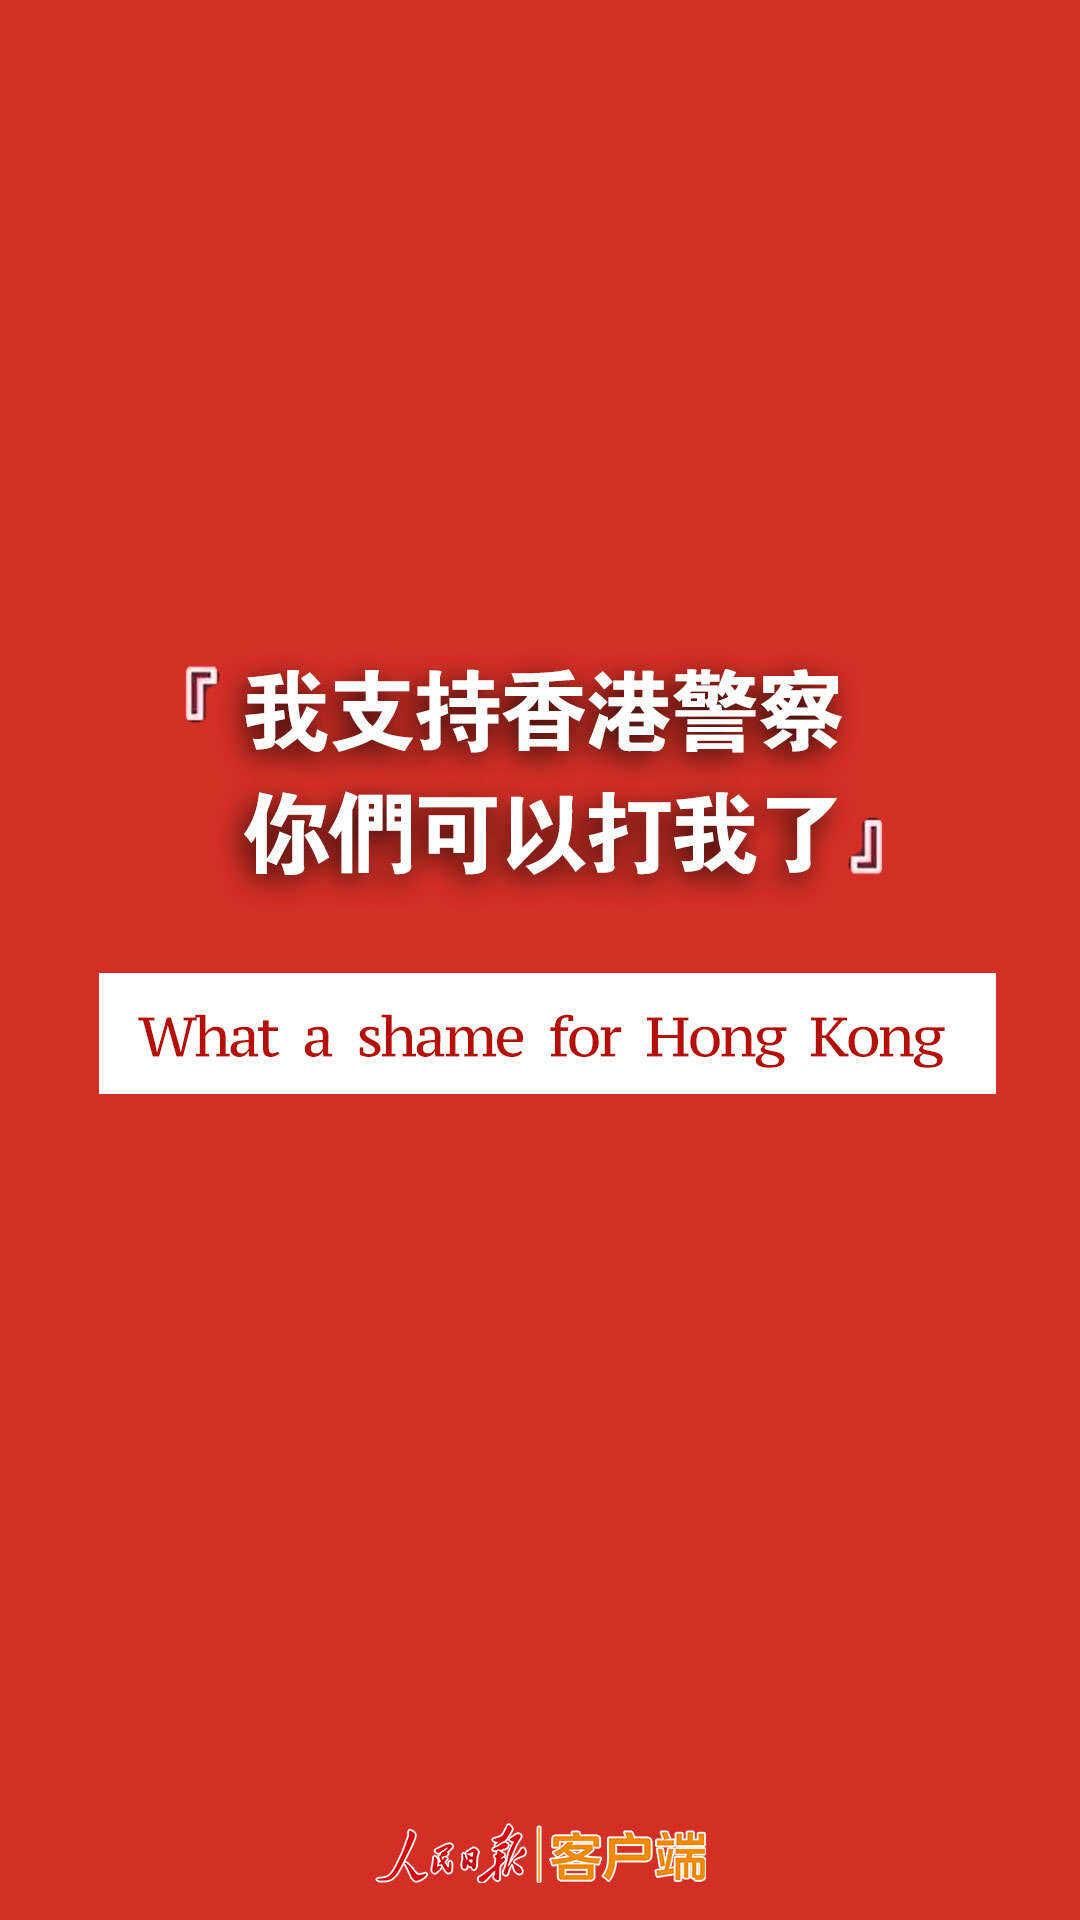 香港02.jpg